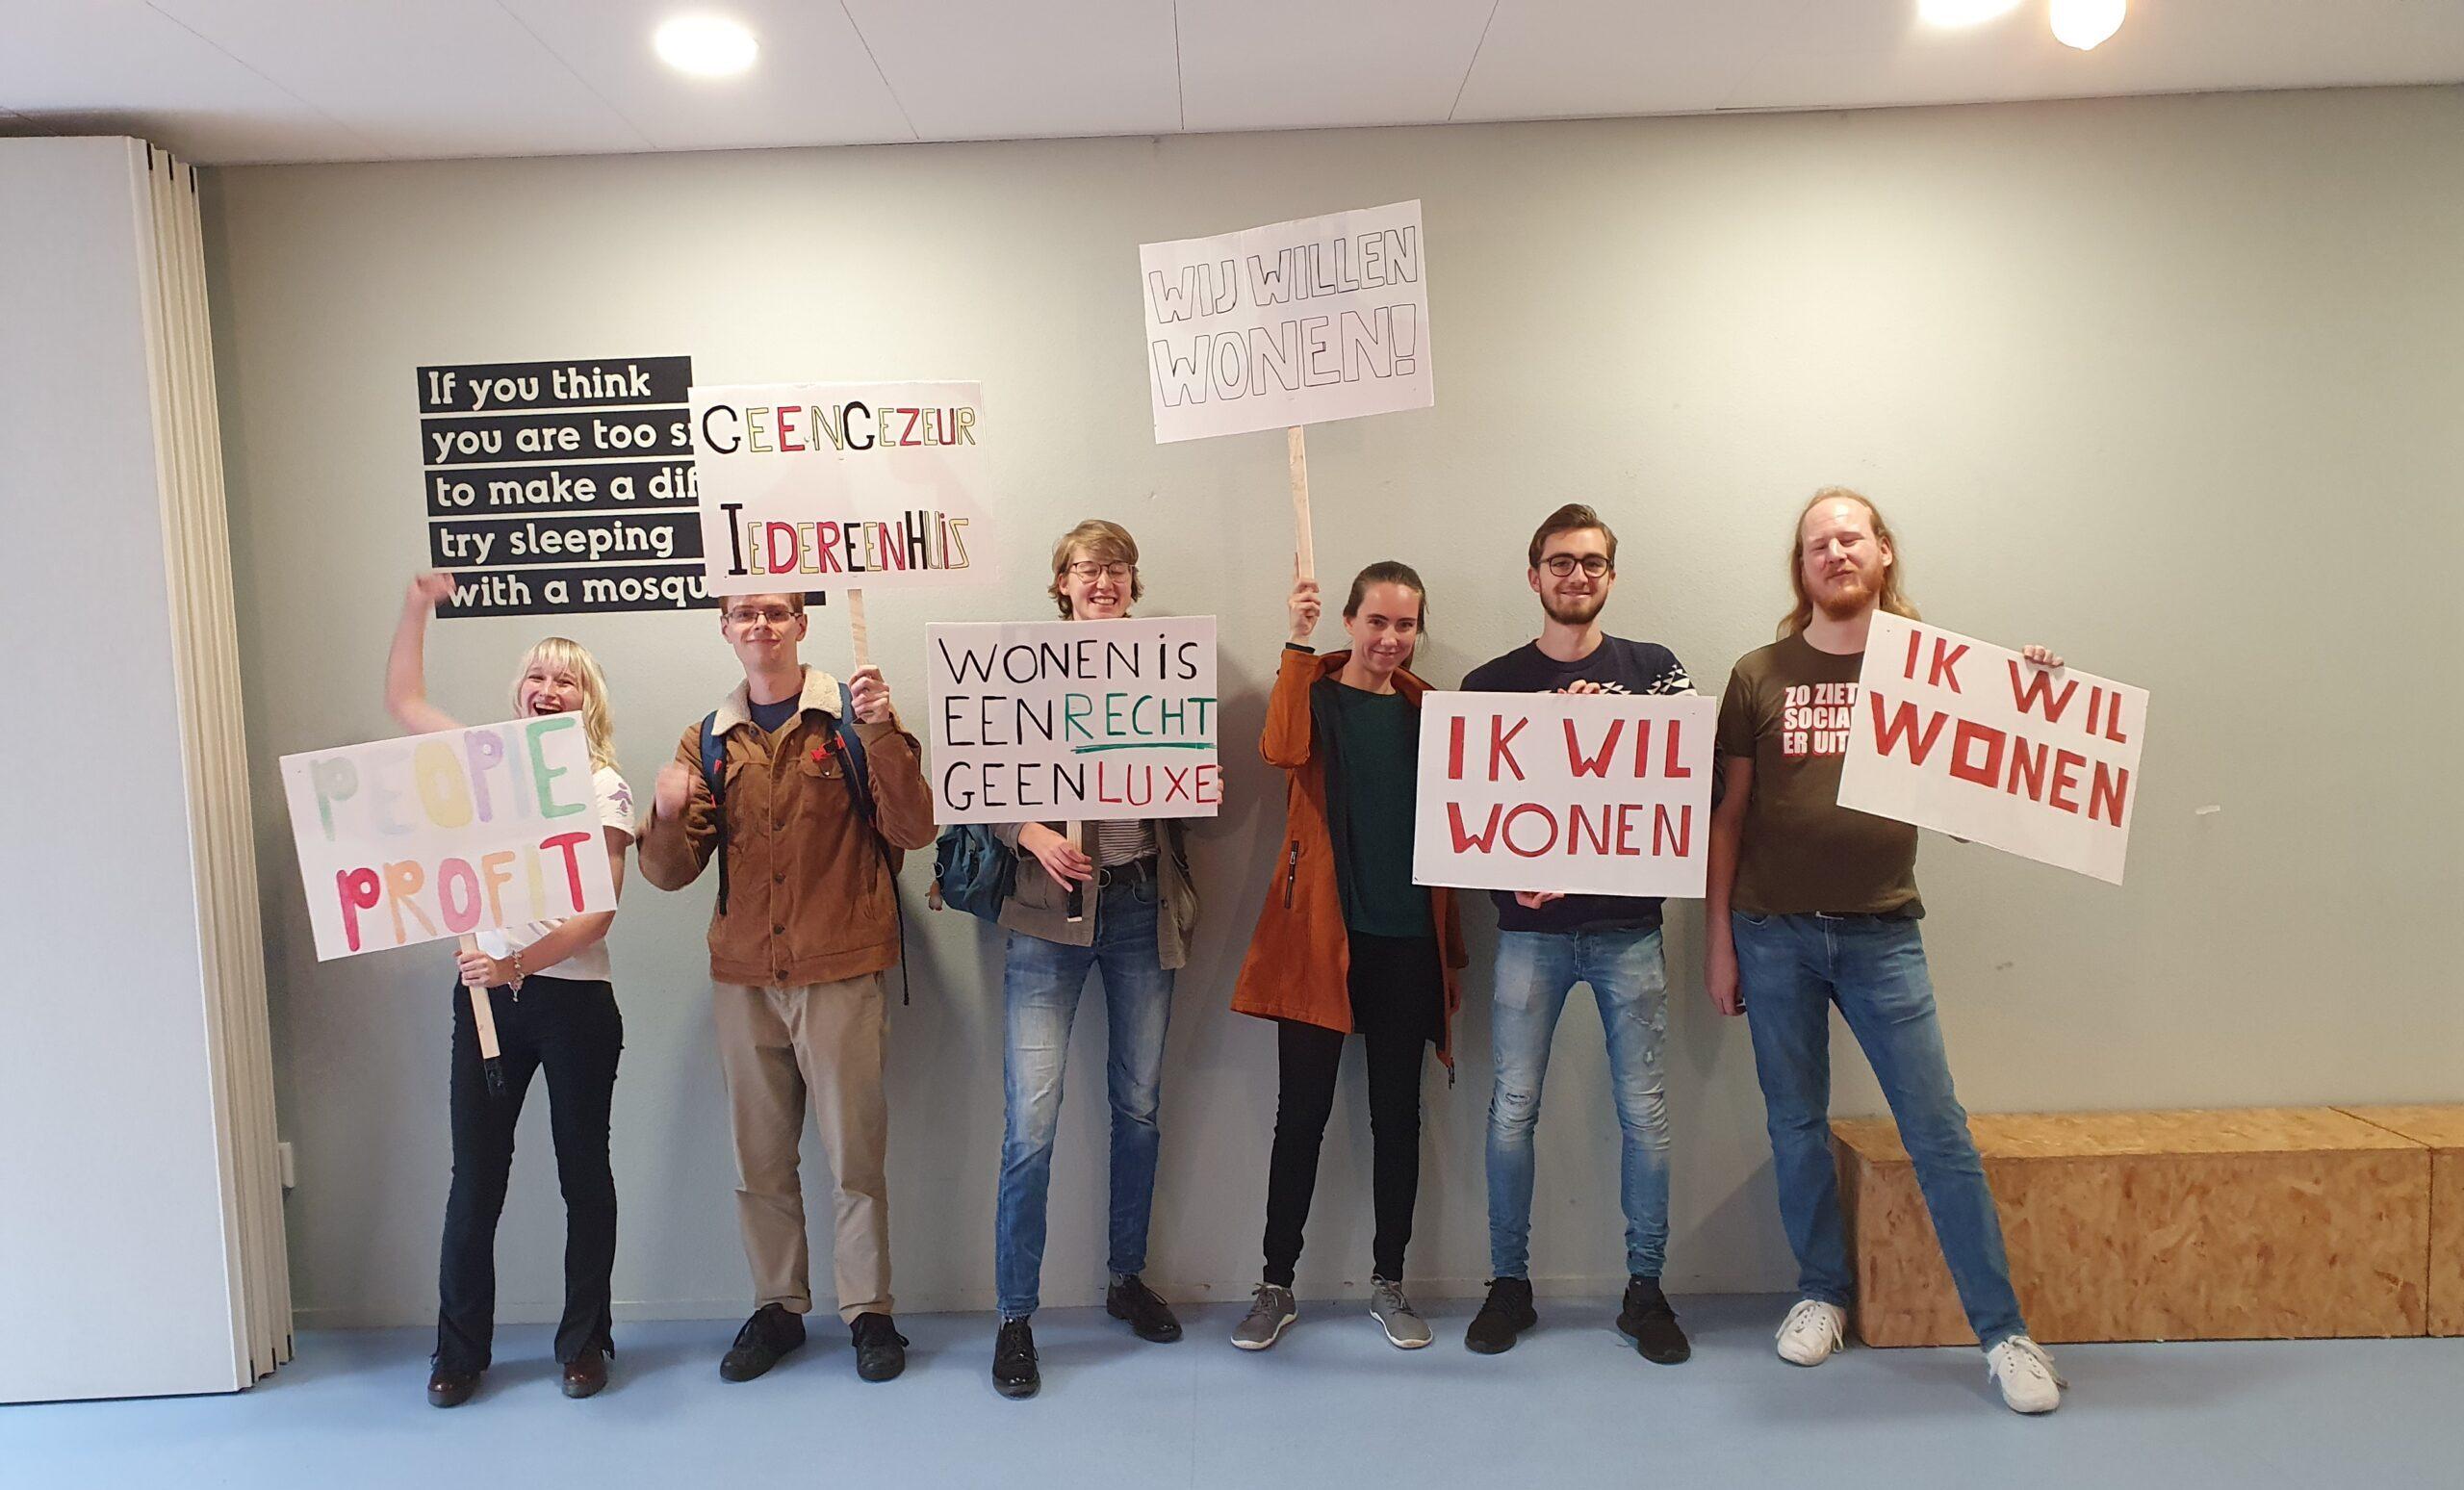 Wageningse studenten bij woonprotest